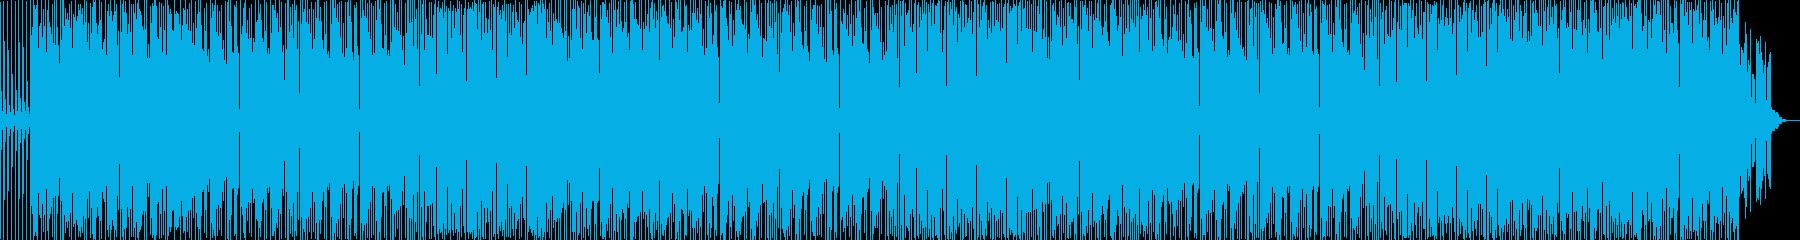 懐かしい感じのテクノポップの再生済みの波形